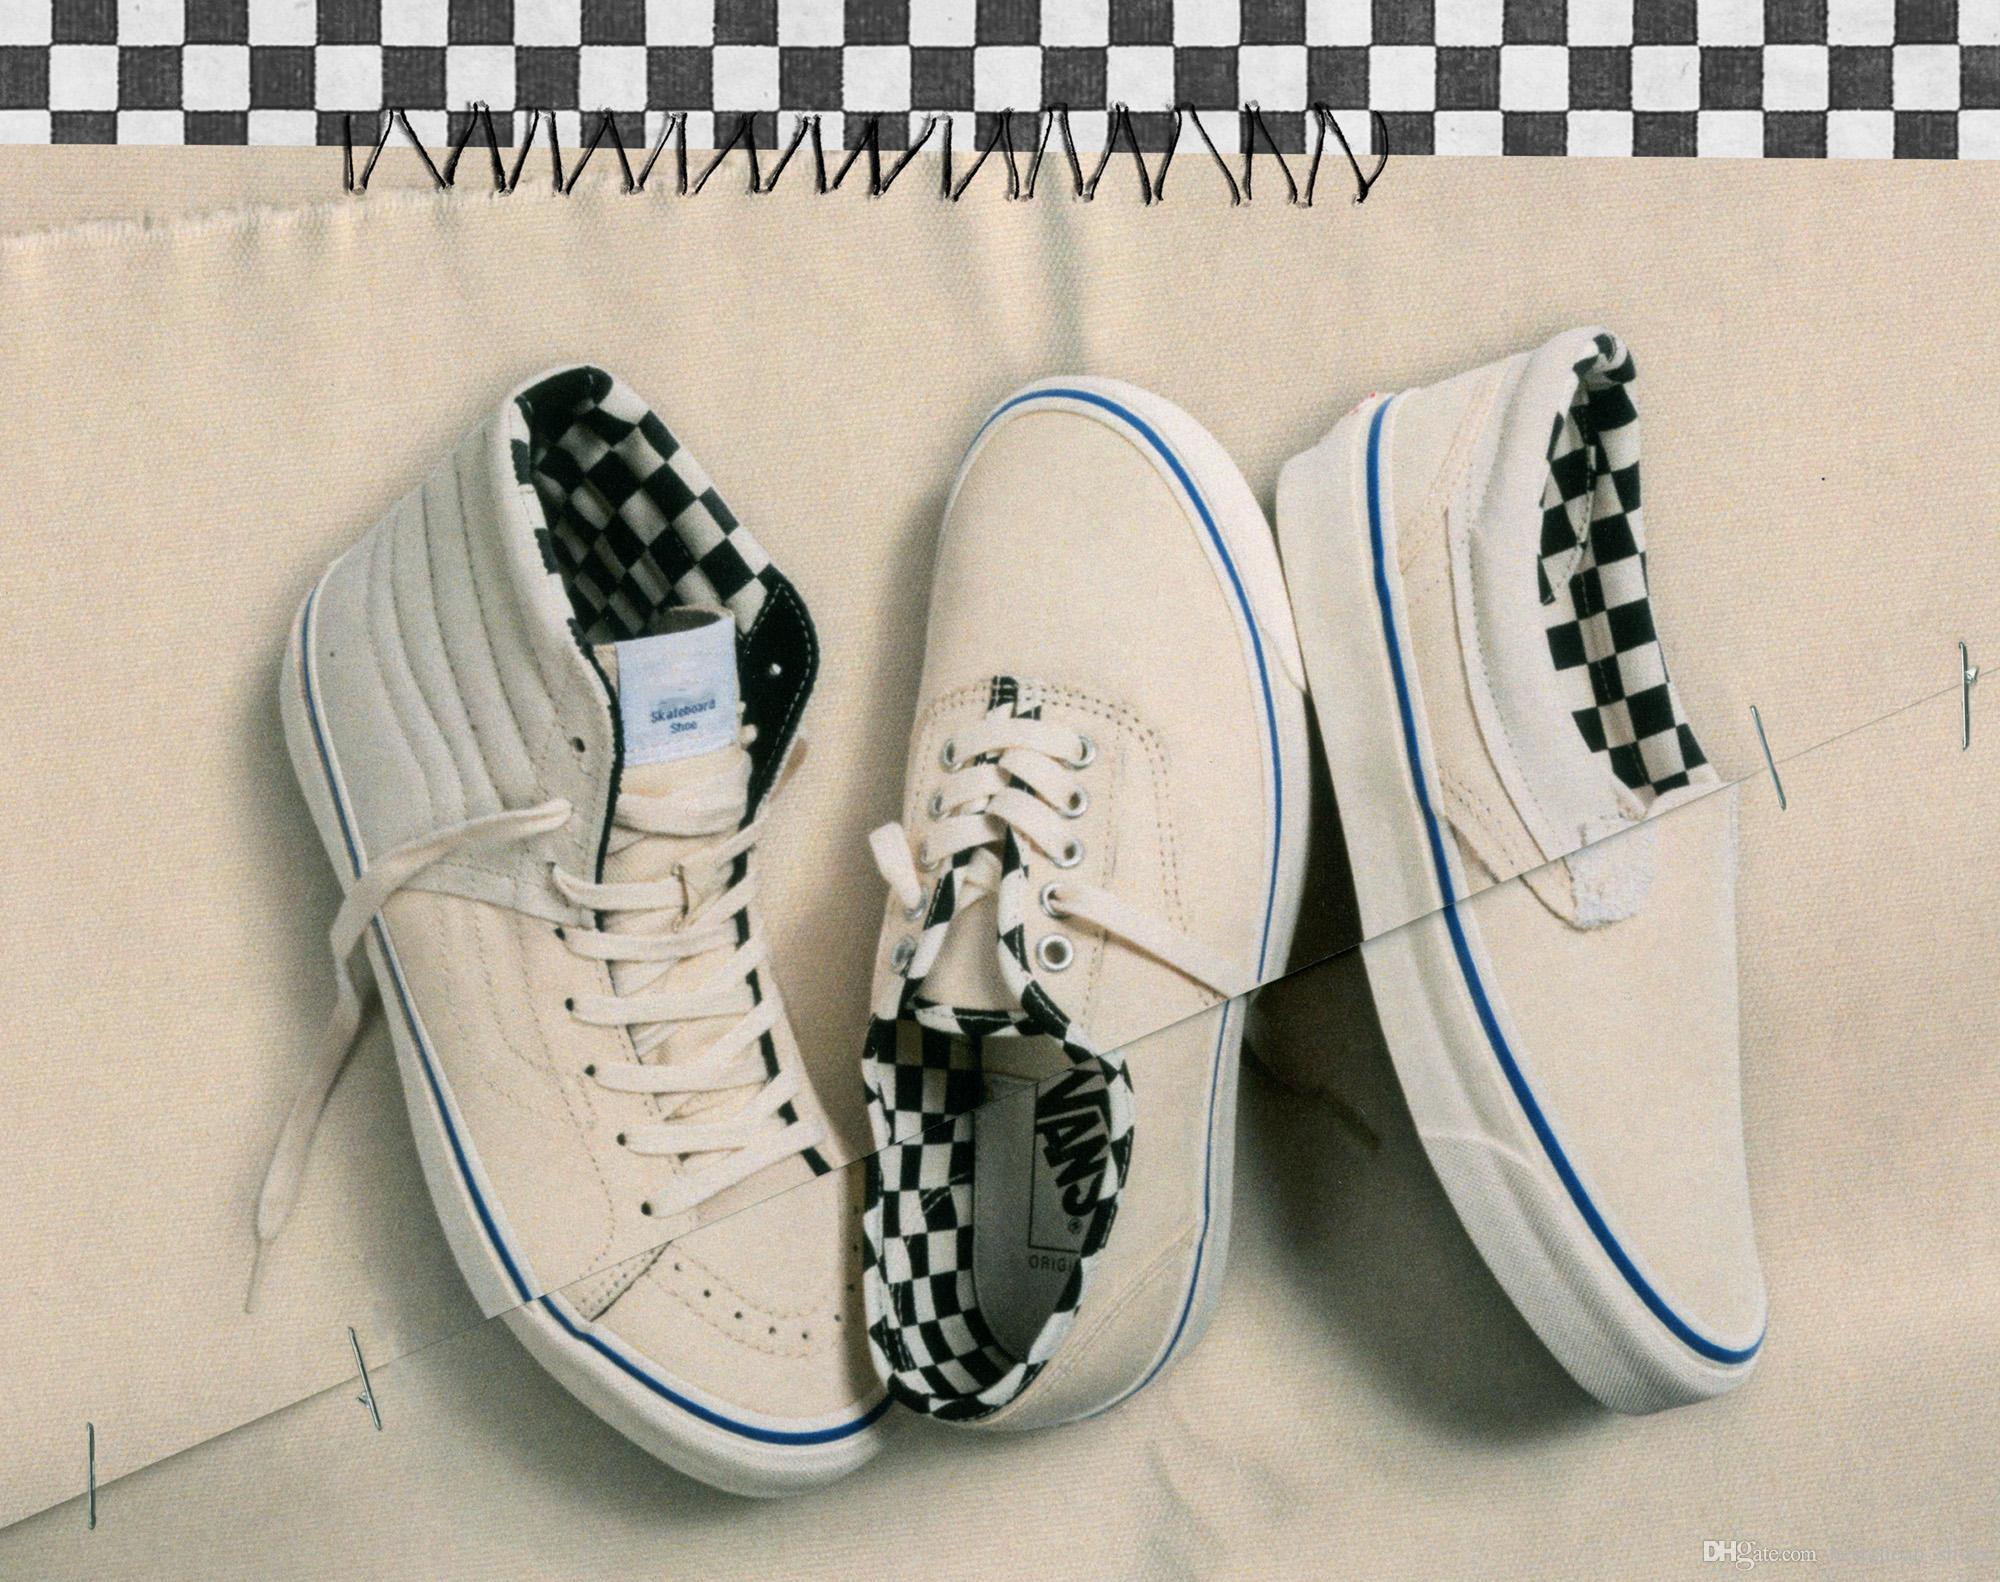 Vans Sneakers Nuevo Vans Cut Paste Bóveda De Resbalón En Old Skool Hombres Mujeres  Zapatos Casuales Skateboard Para Hombre Zapatillas Lienzo Deportes Al ... 54b47899a20